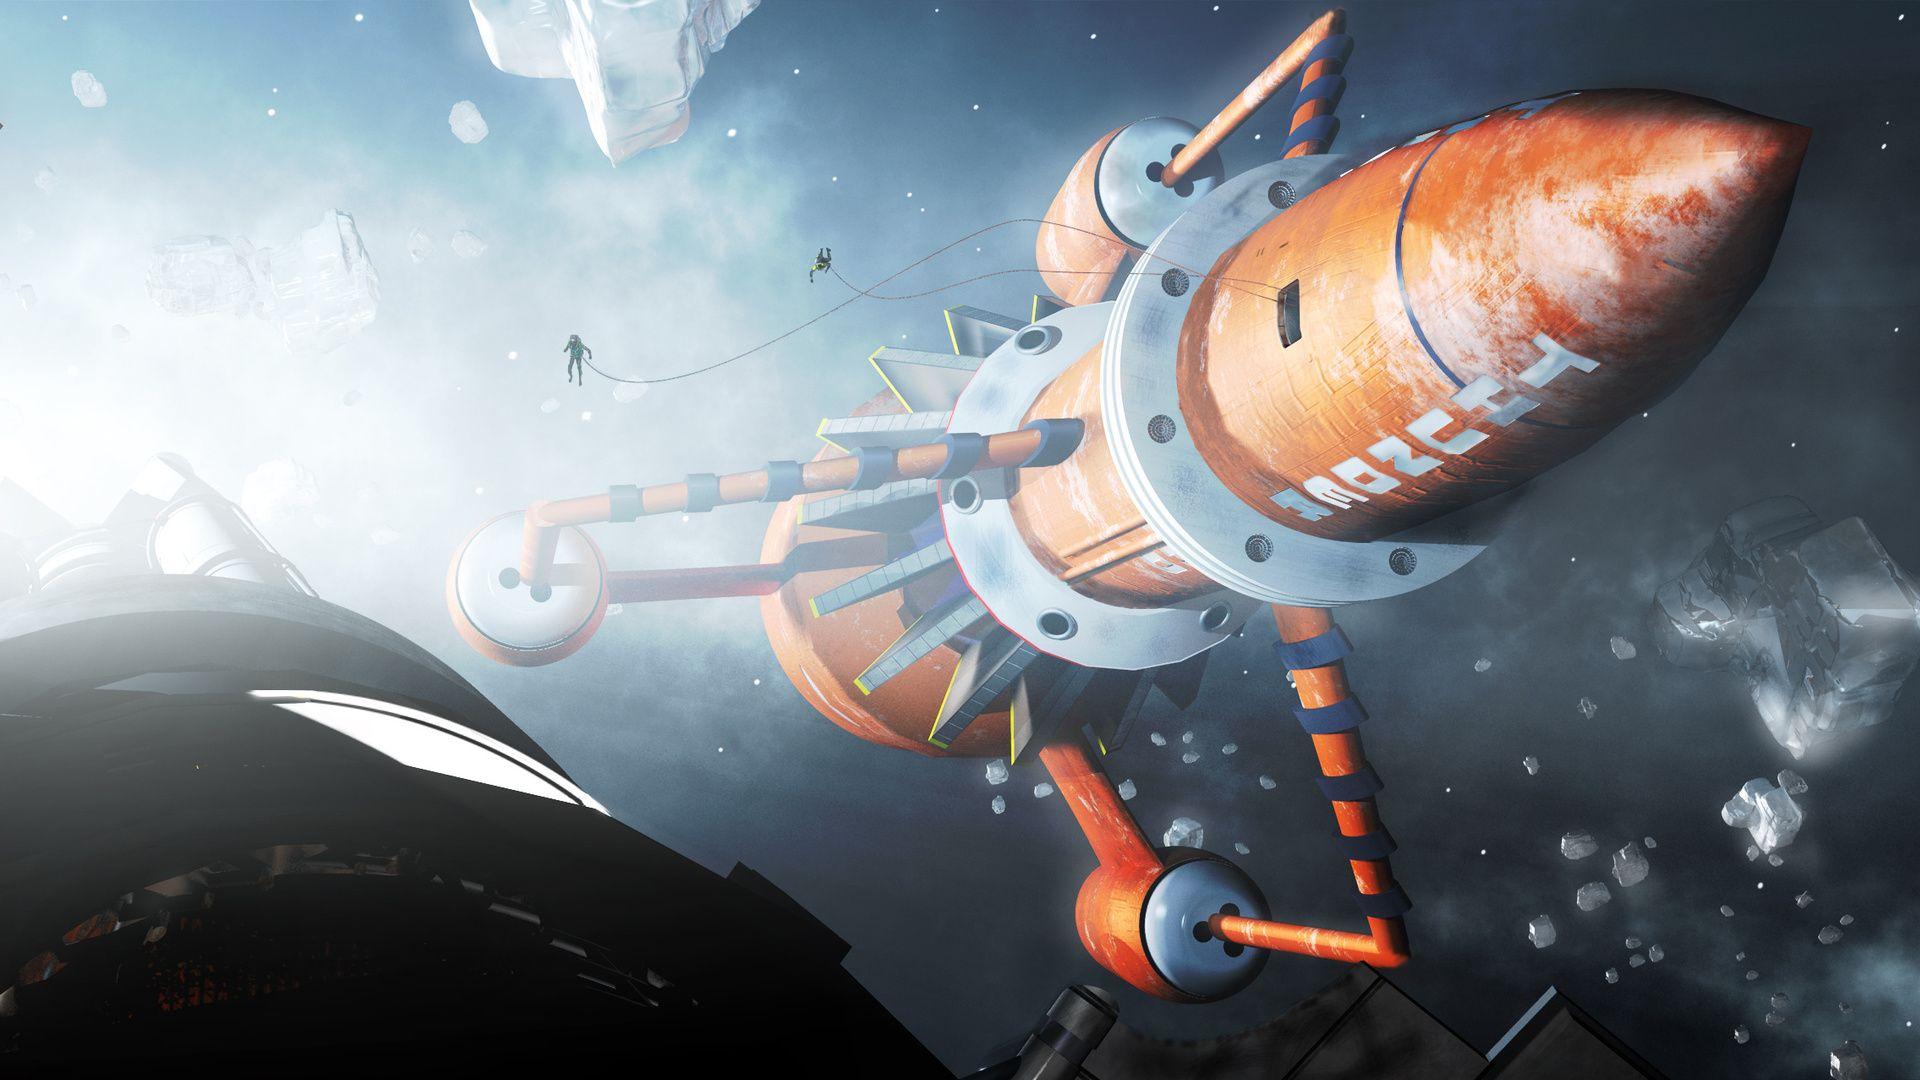 Rocket HD 1080 wallpaper